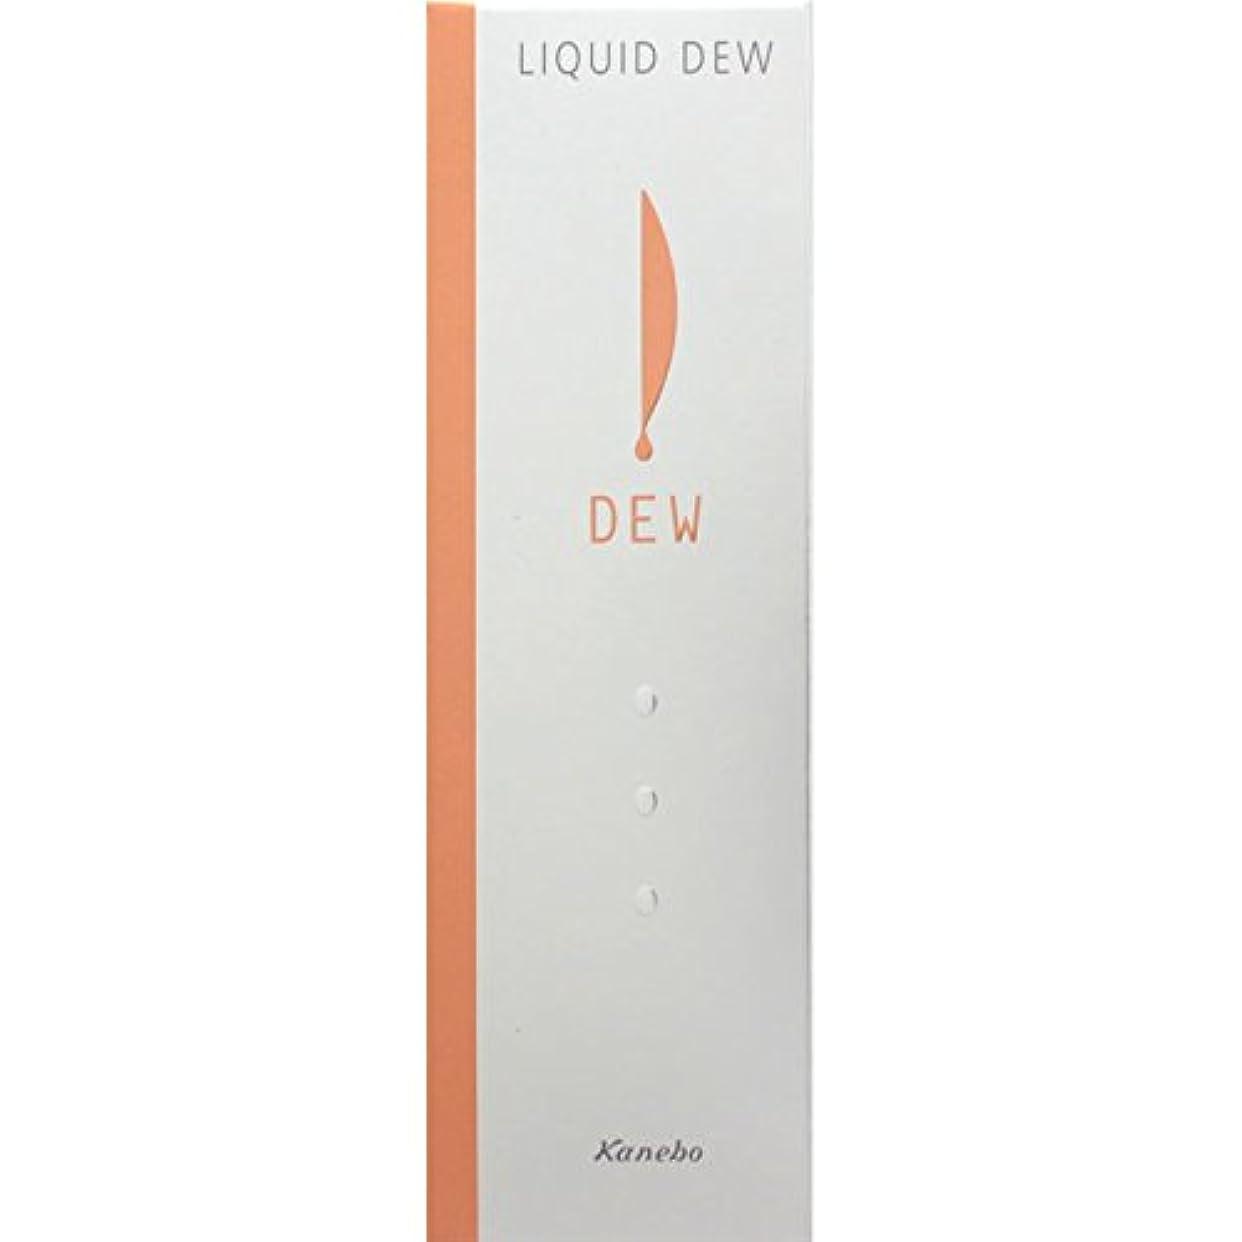 量で雨比類なきカネボウ化粧品 DEW リクイドデュウ ベージュC